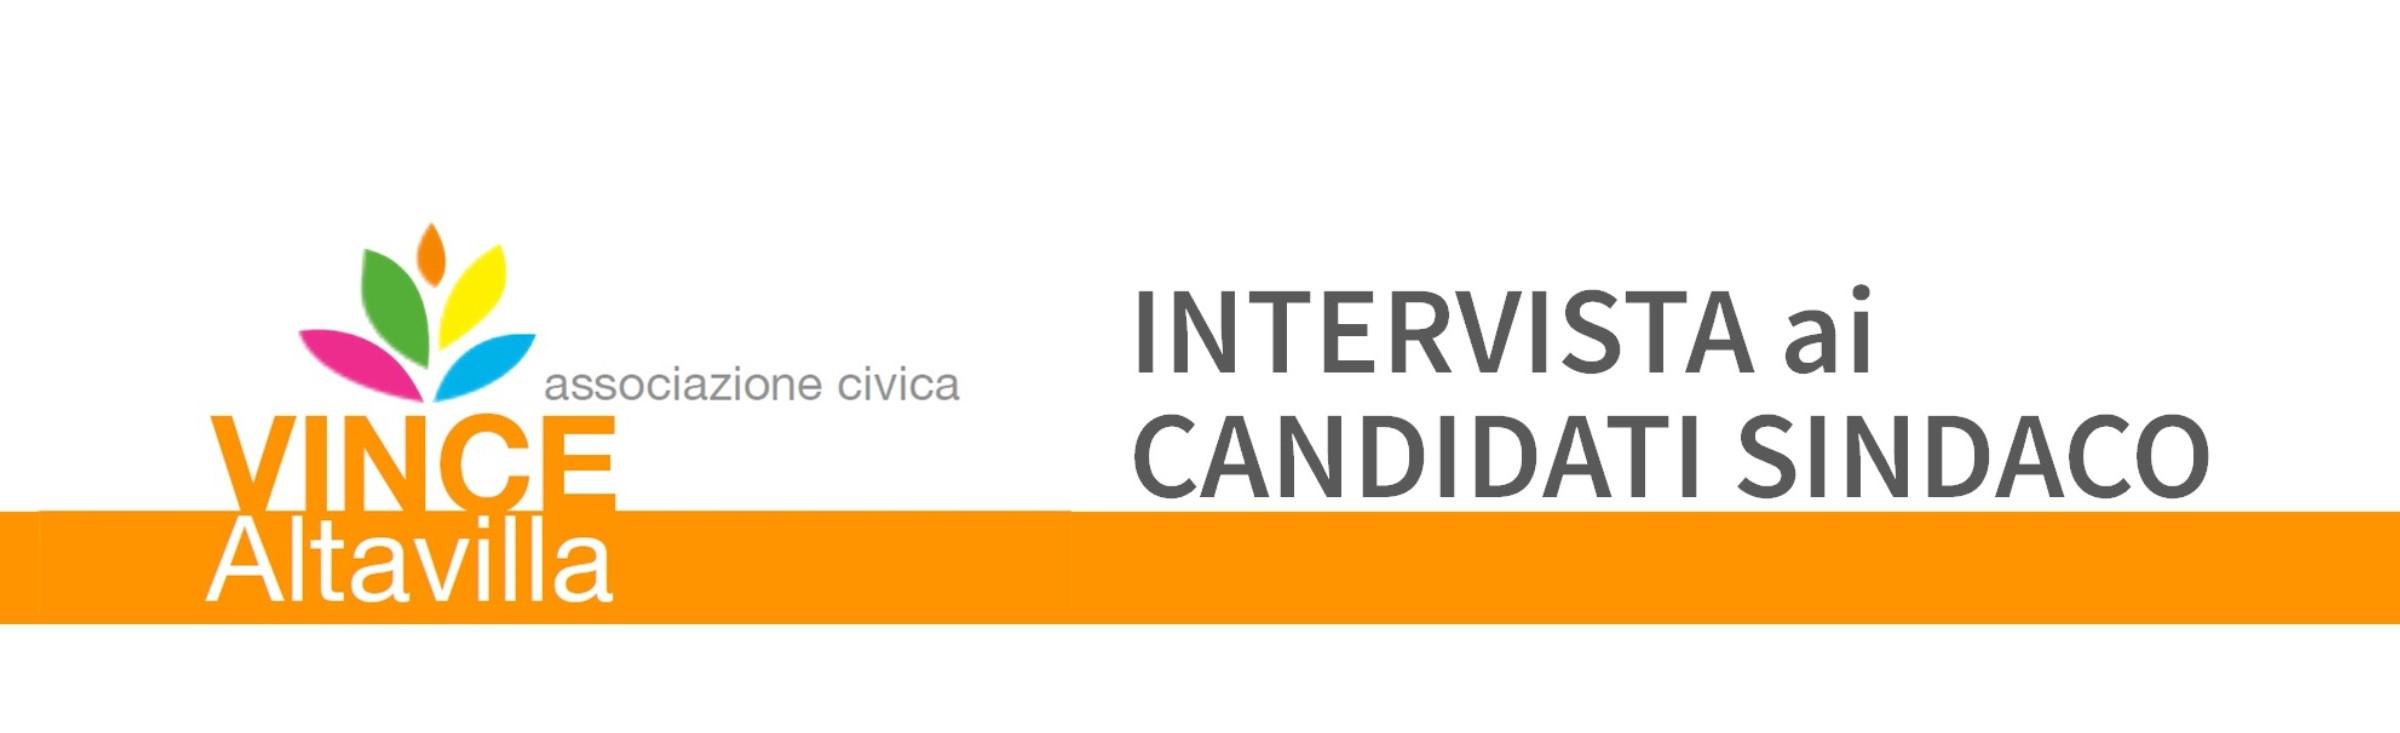 Intervista ai candidati sindaco di Altavilla